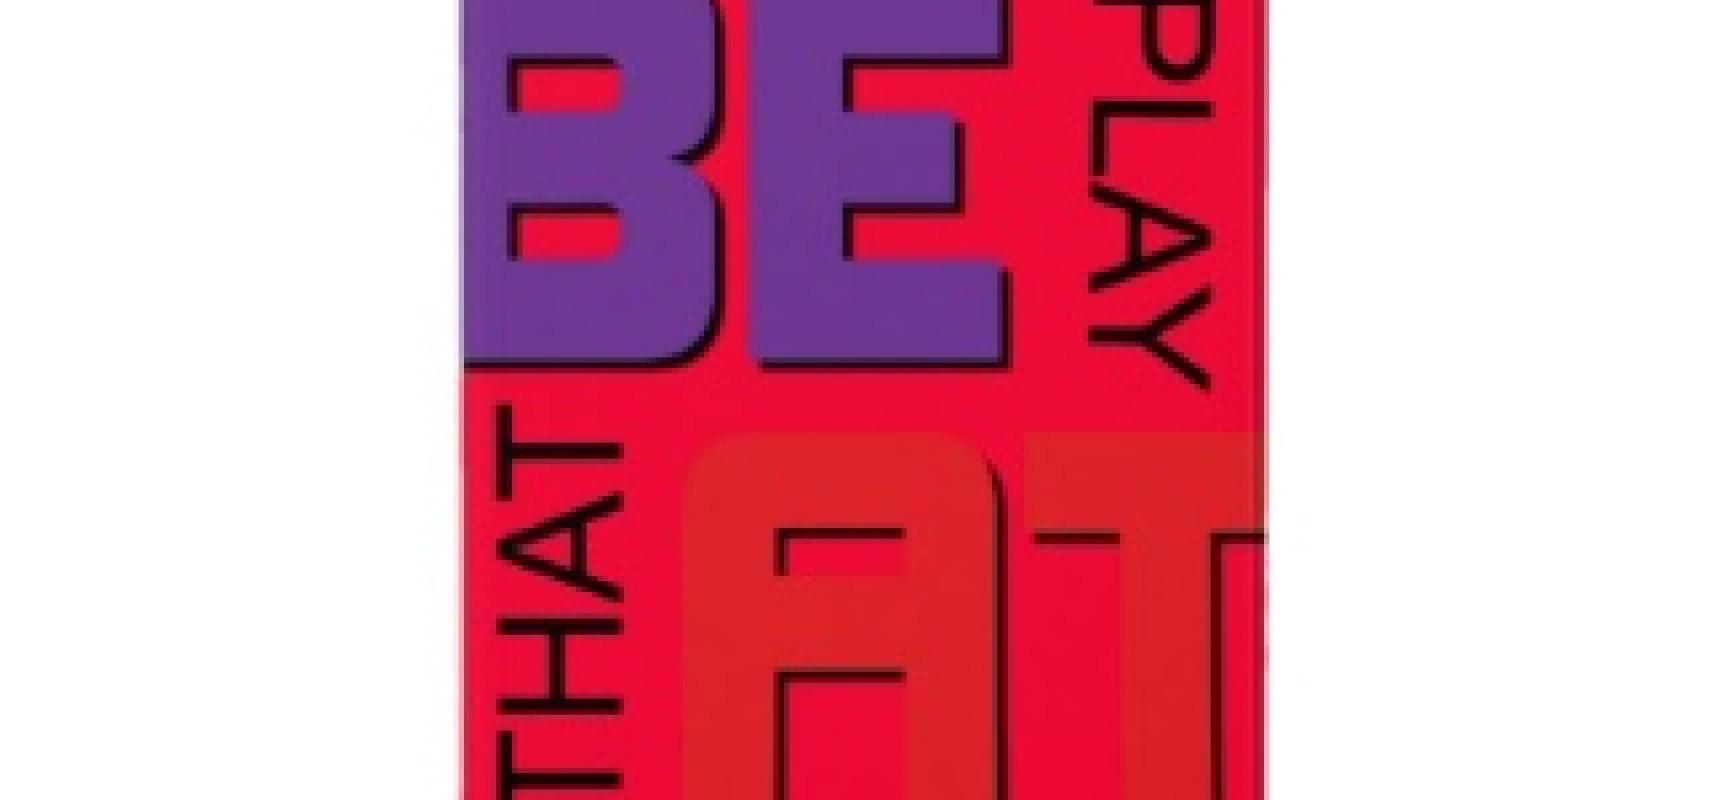 Play that beat again